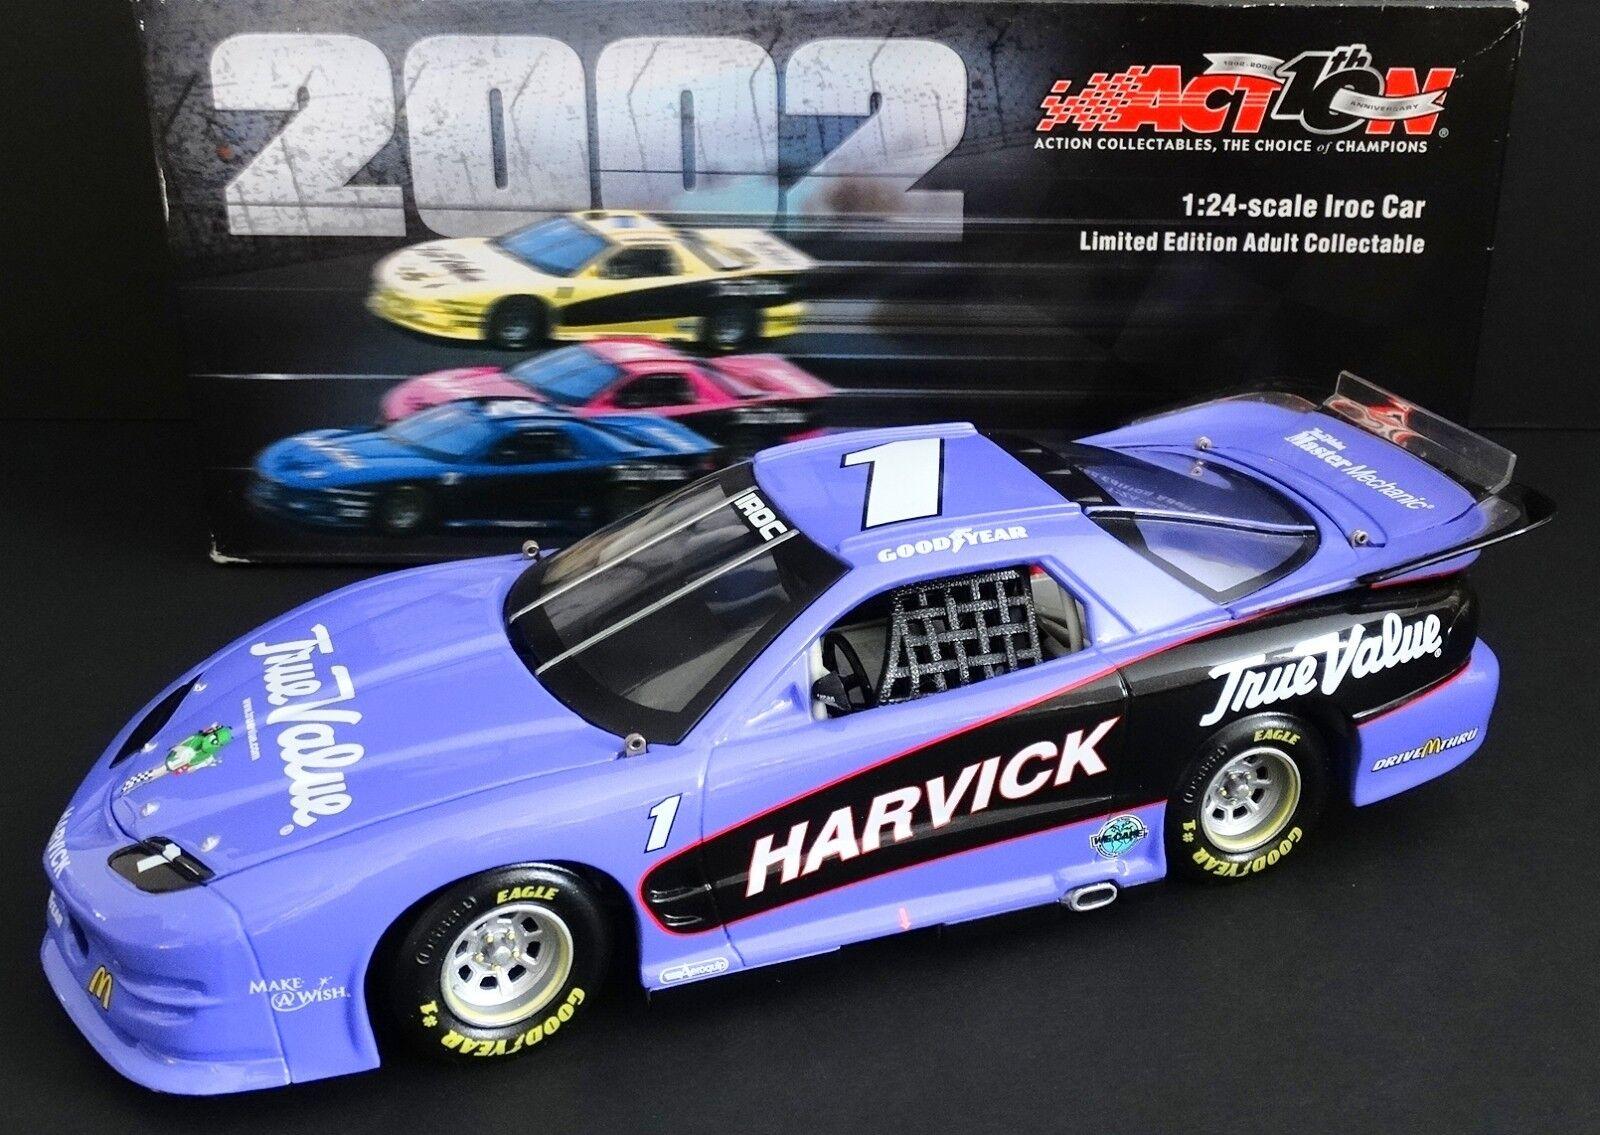 Kevin Harvick verdadero valor 1 24 acción 2002 Iroc campeón Firebird Xtreme